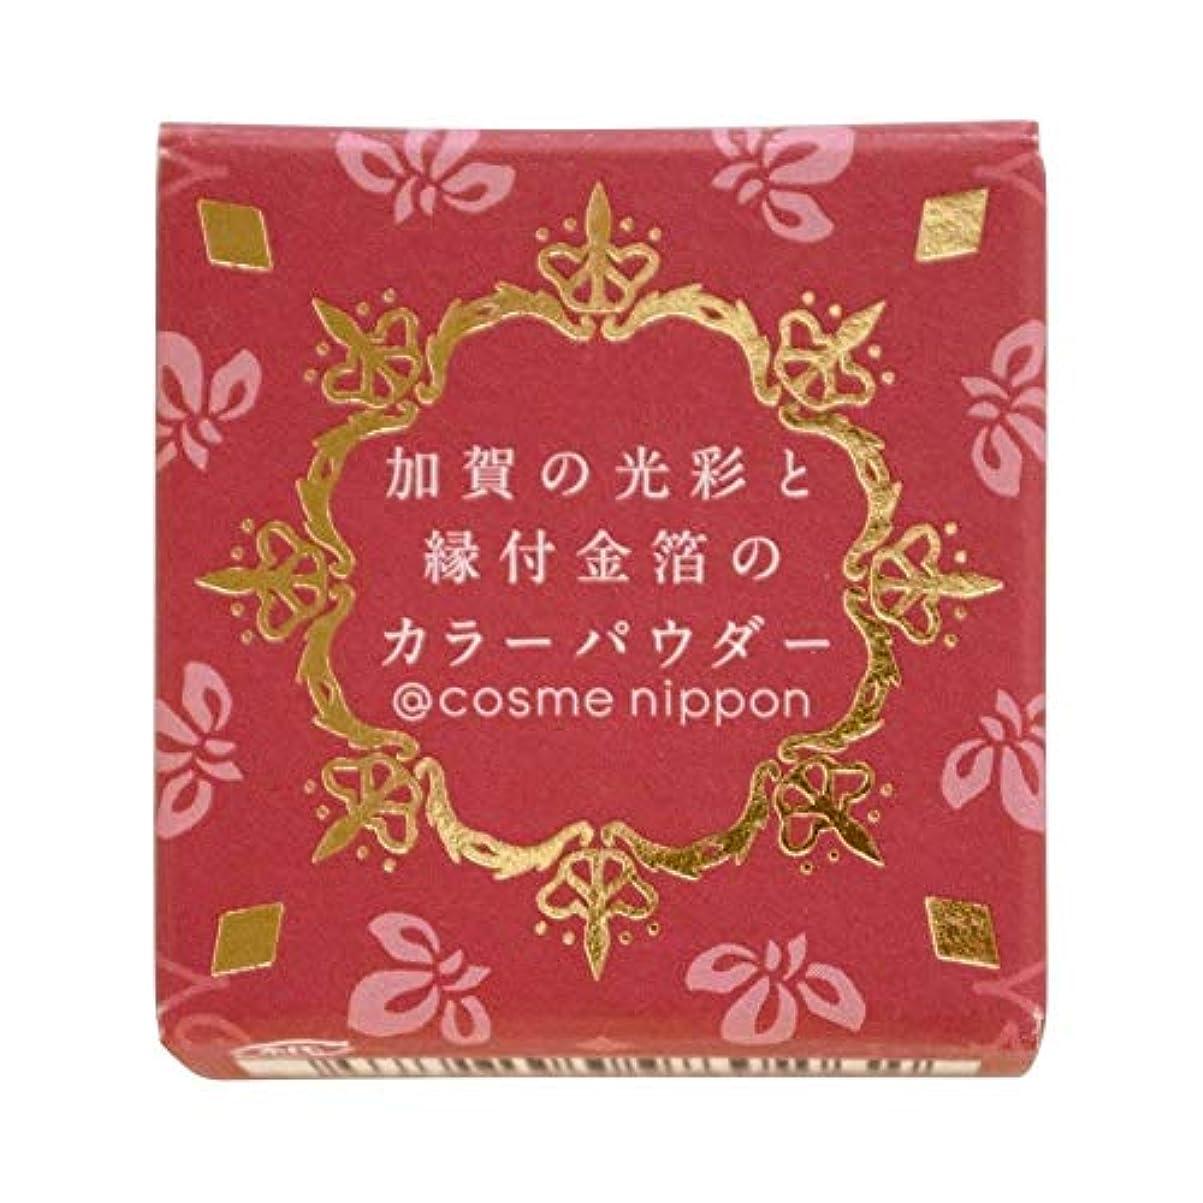 流暢矢印タクト友禅工芸 すずらん加賀の光彩と縁付け金箔のカラーパウダー02臙脂えんじ